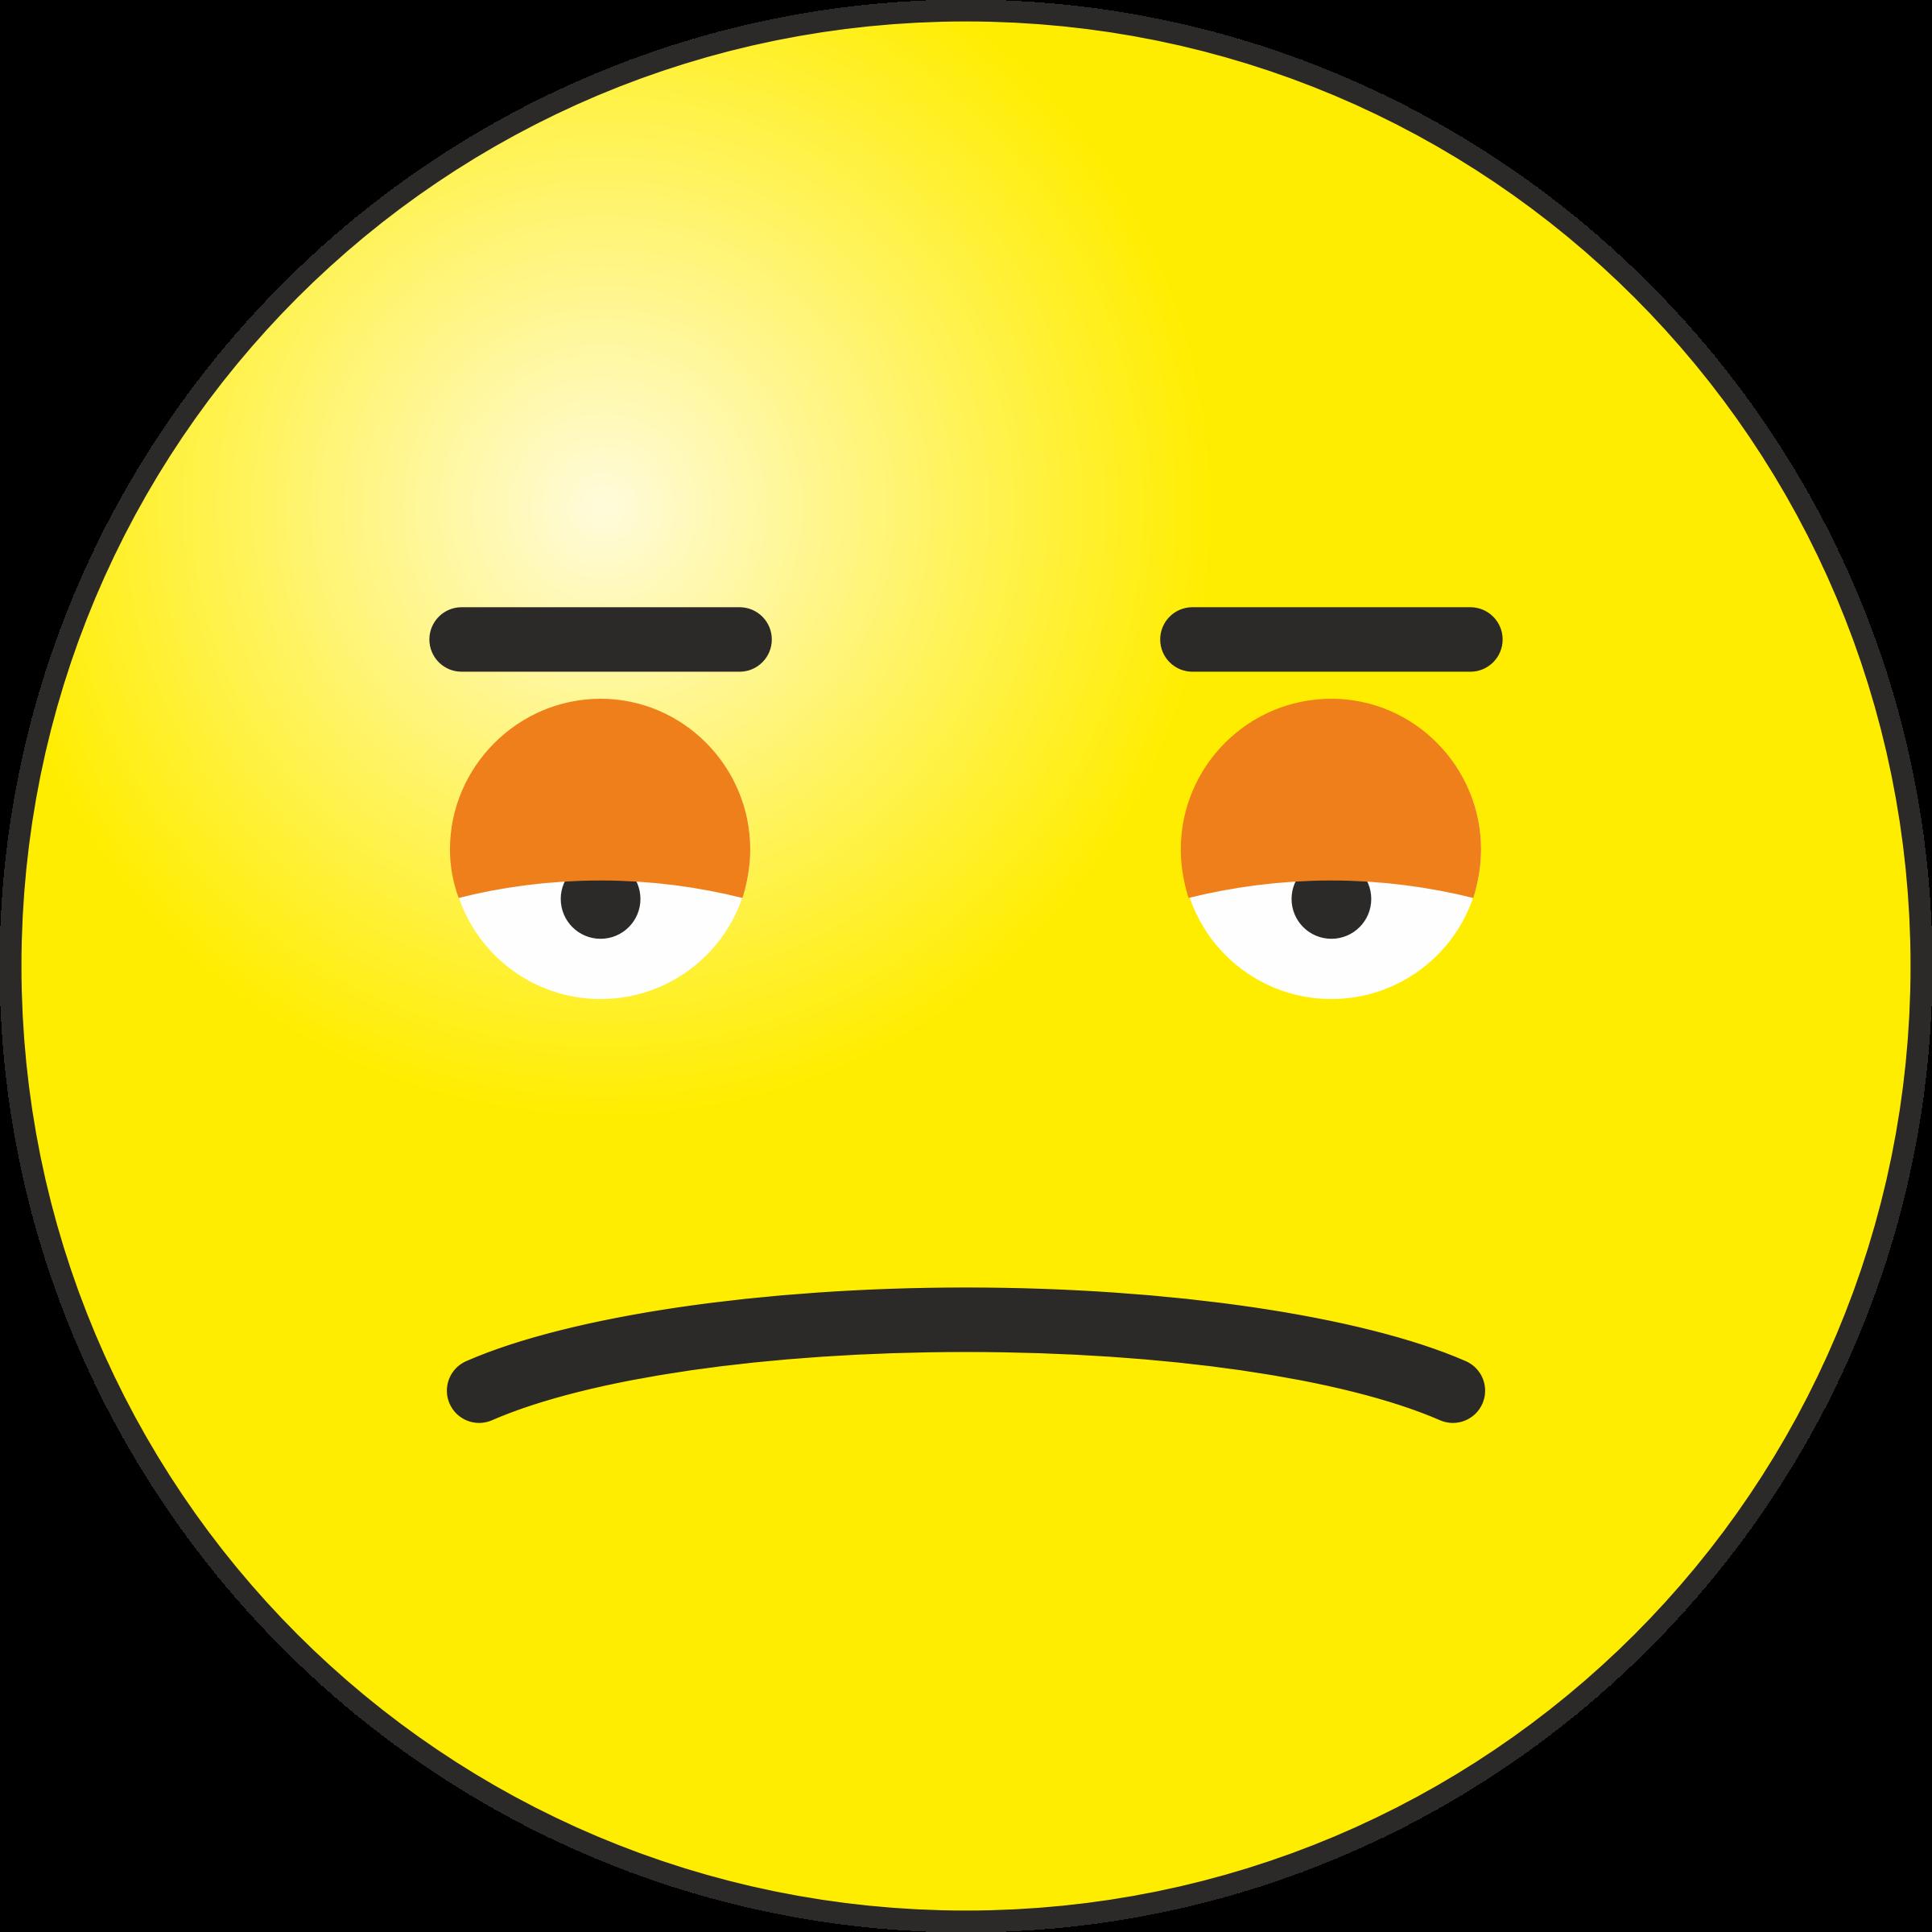 Sad Emoticons Clipart | www.pixshark.com - Images ...